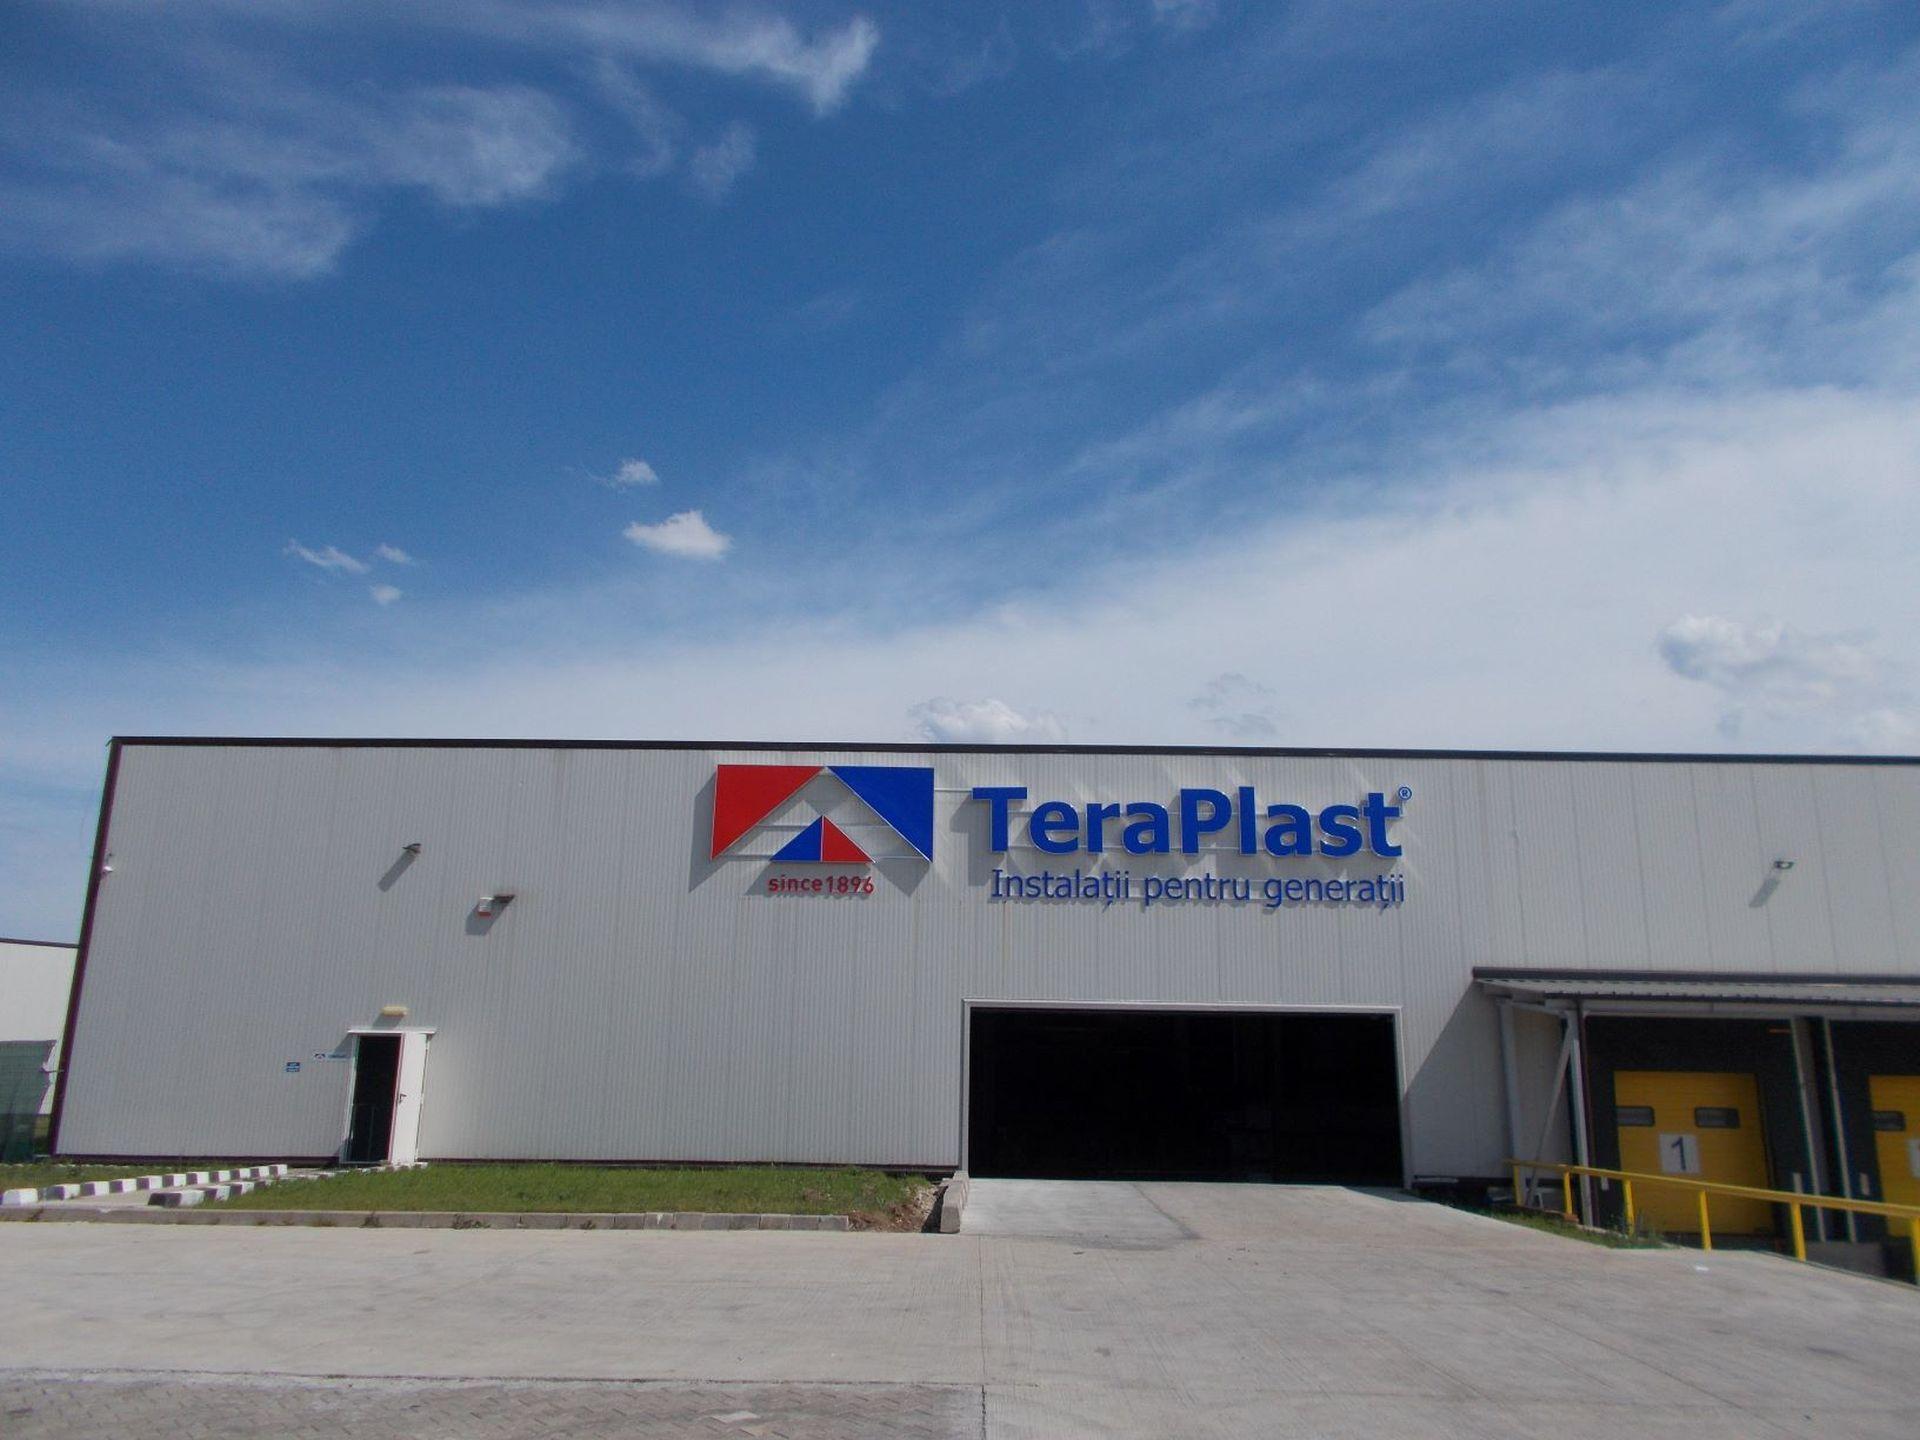 Grupul TeraPlast a primit acordul de finanțare pentru proiectul de investiții în valoare de 7,9 milioane de euro